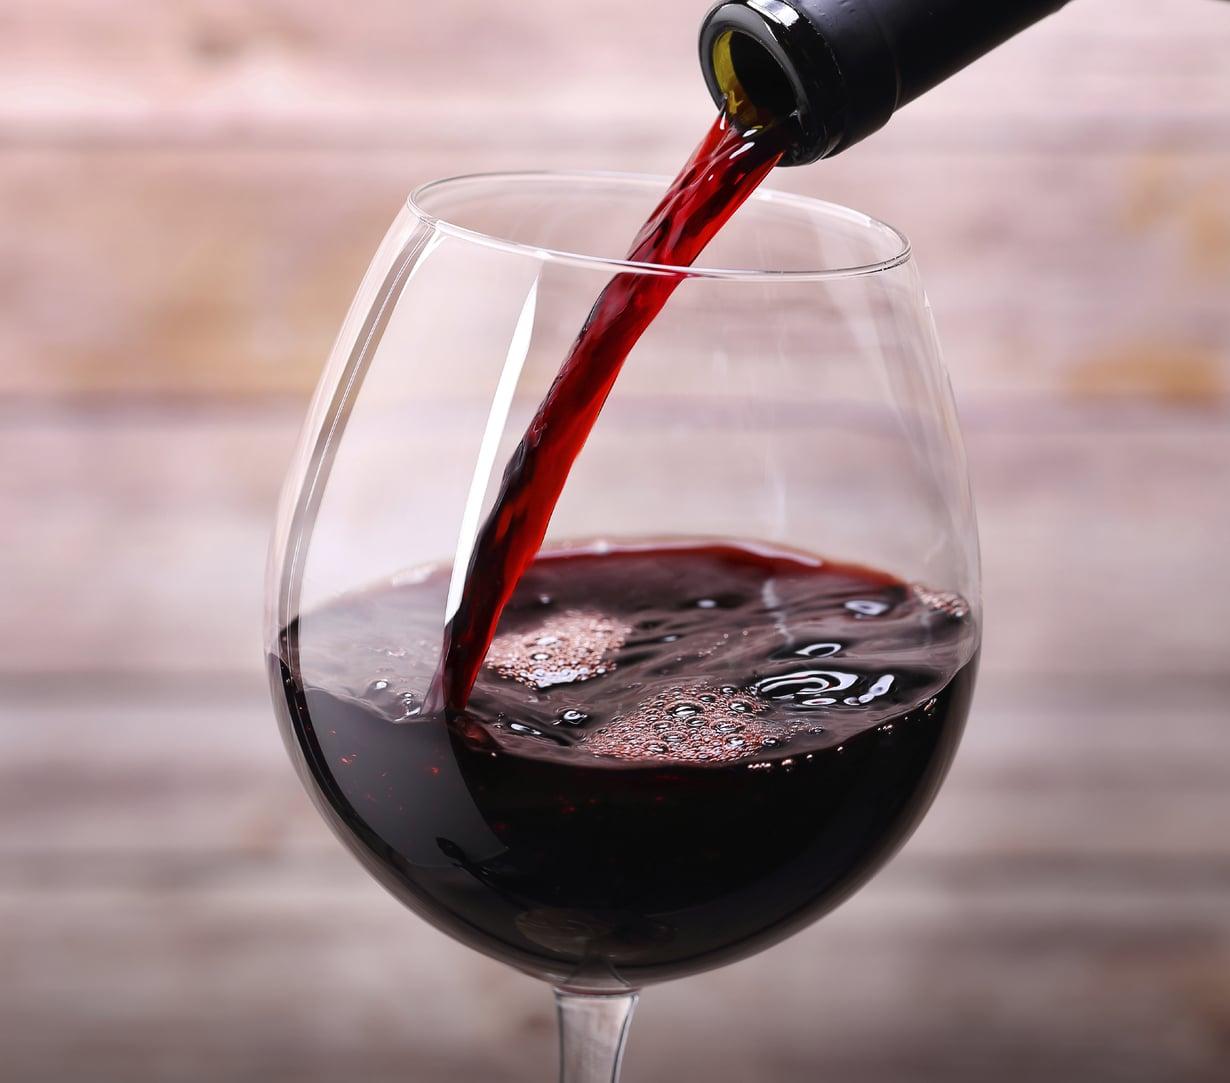 Myös punaviini kannattaa pitää kaapissa, jos pullo on avattu. Kuva: Istockphoto.